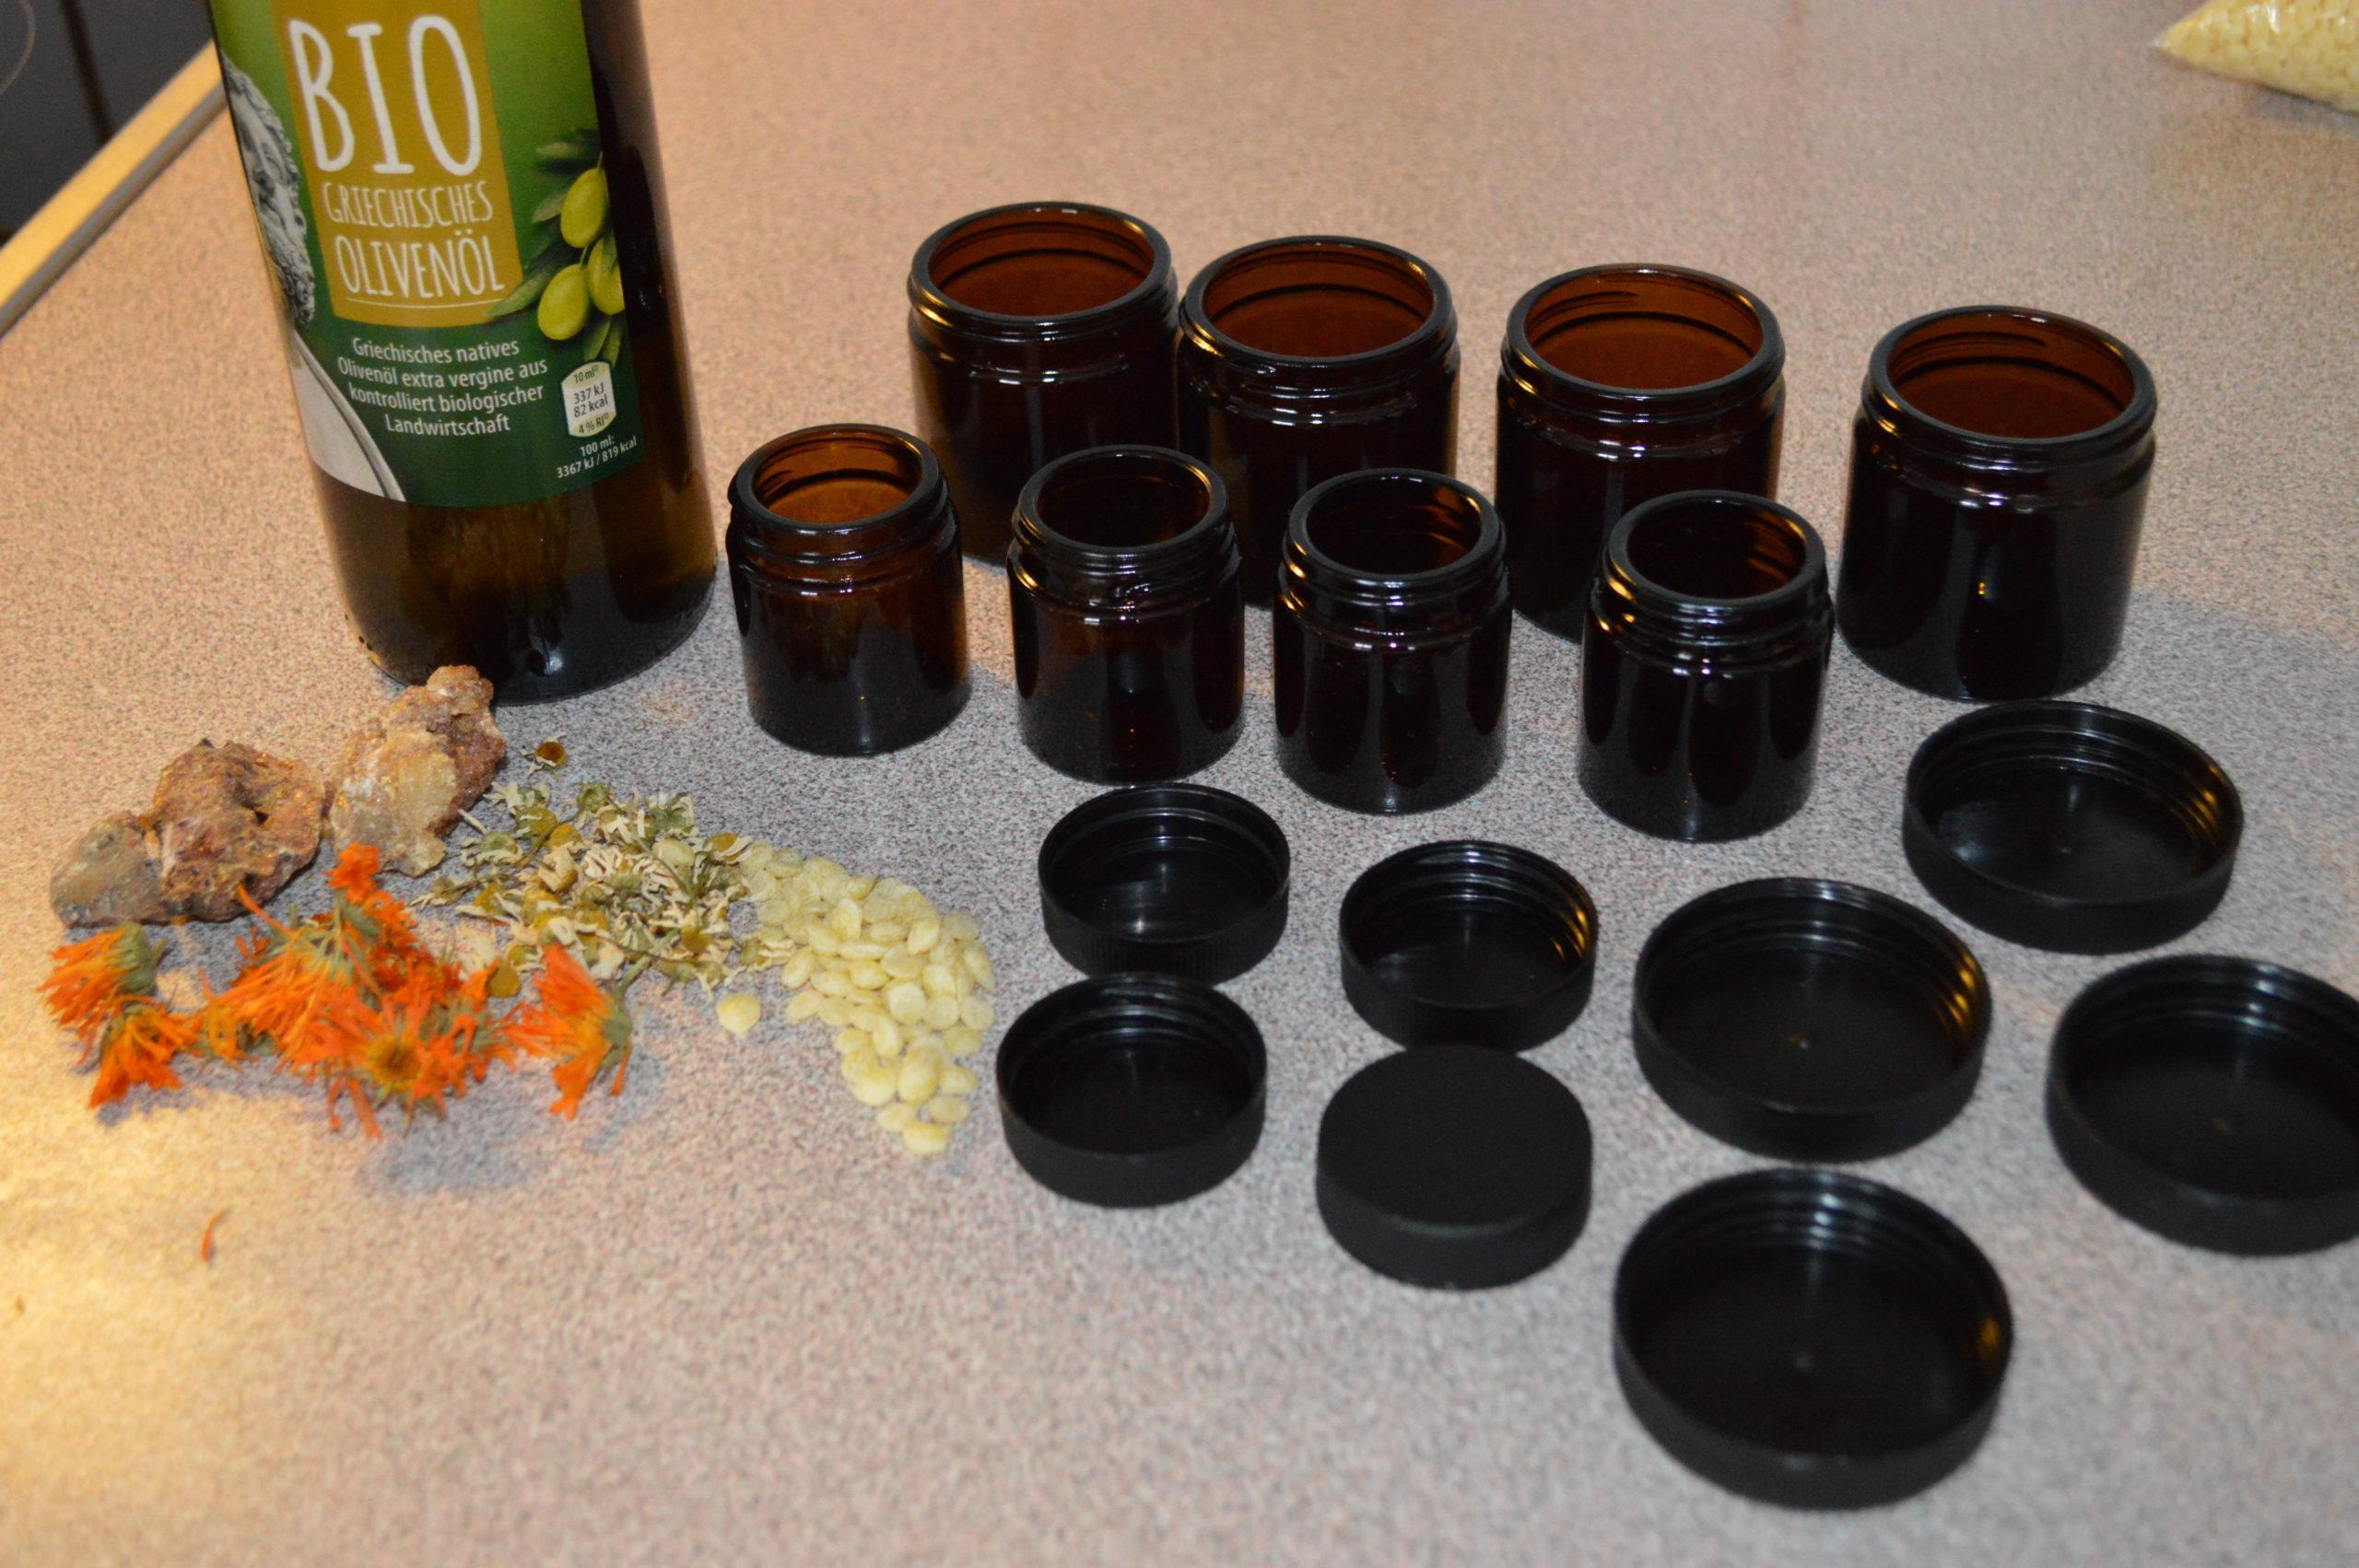 Die Cremen und Salben werden in dunkle Gläschen gefüllt